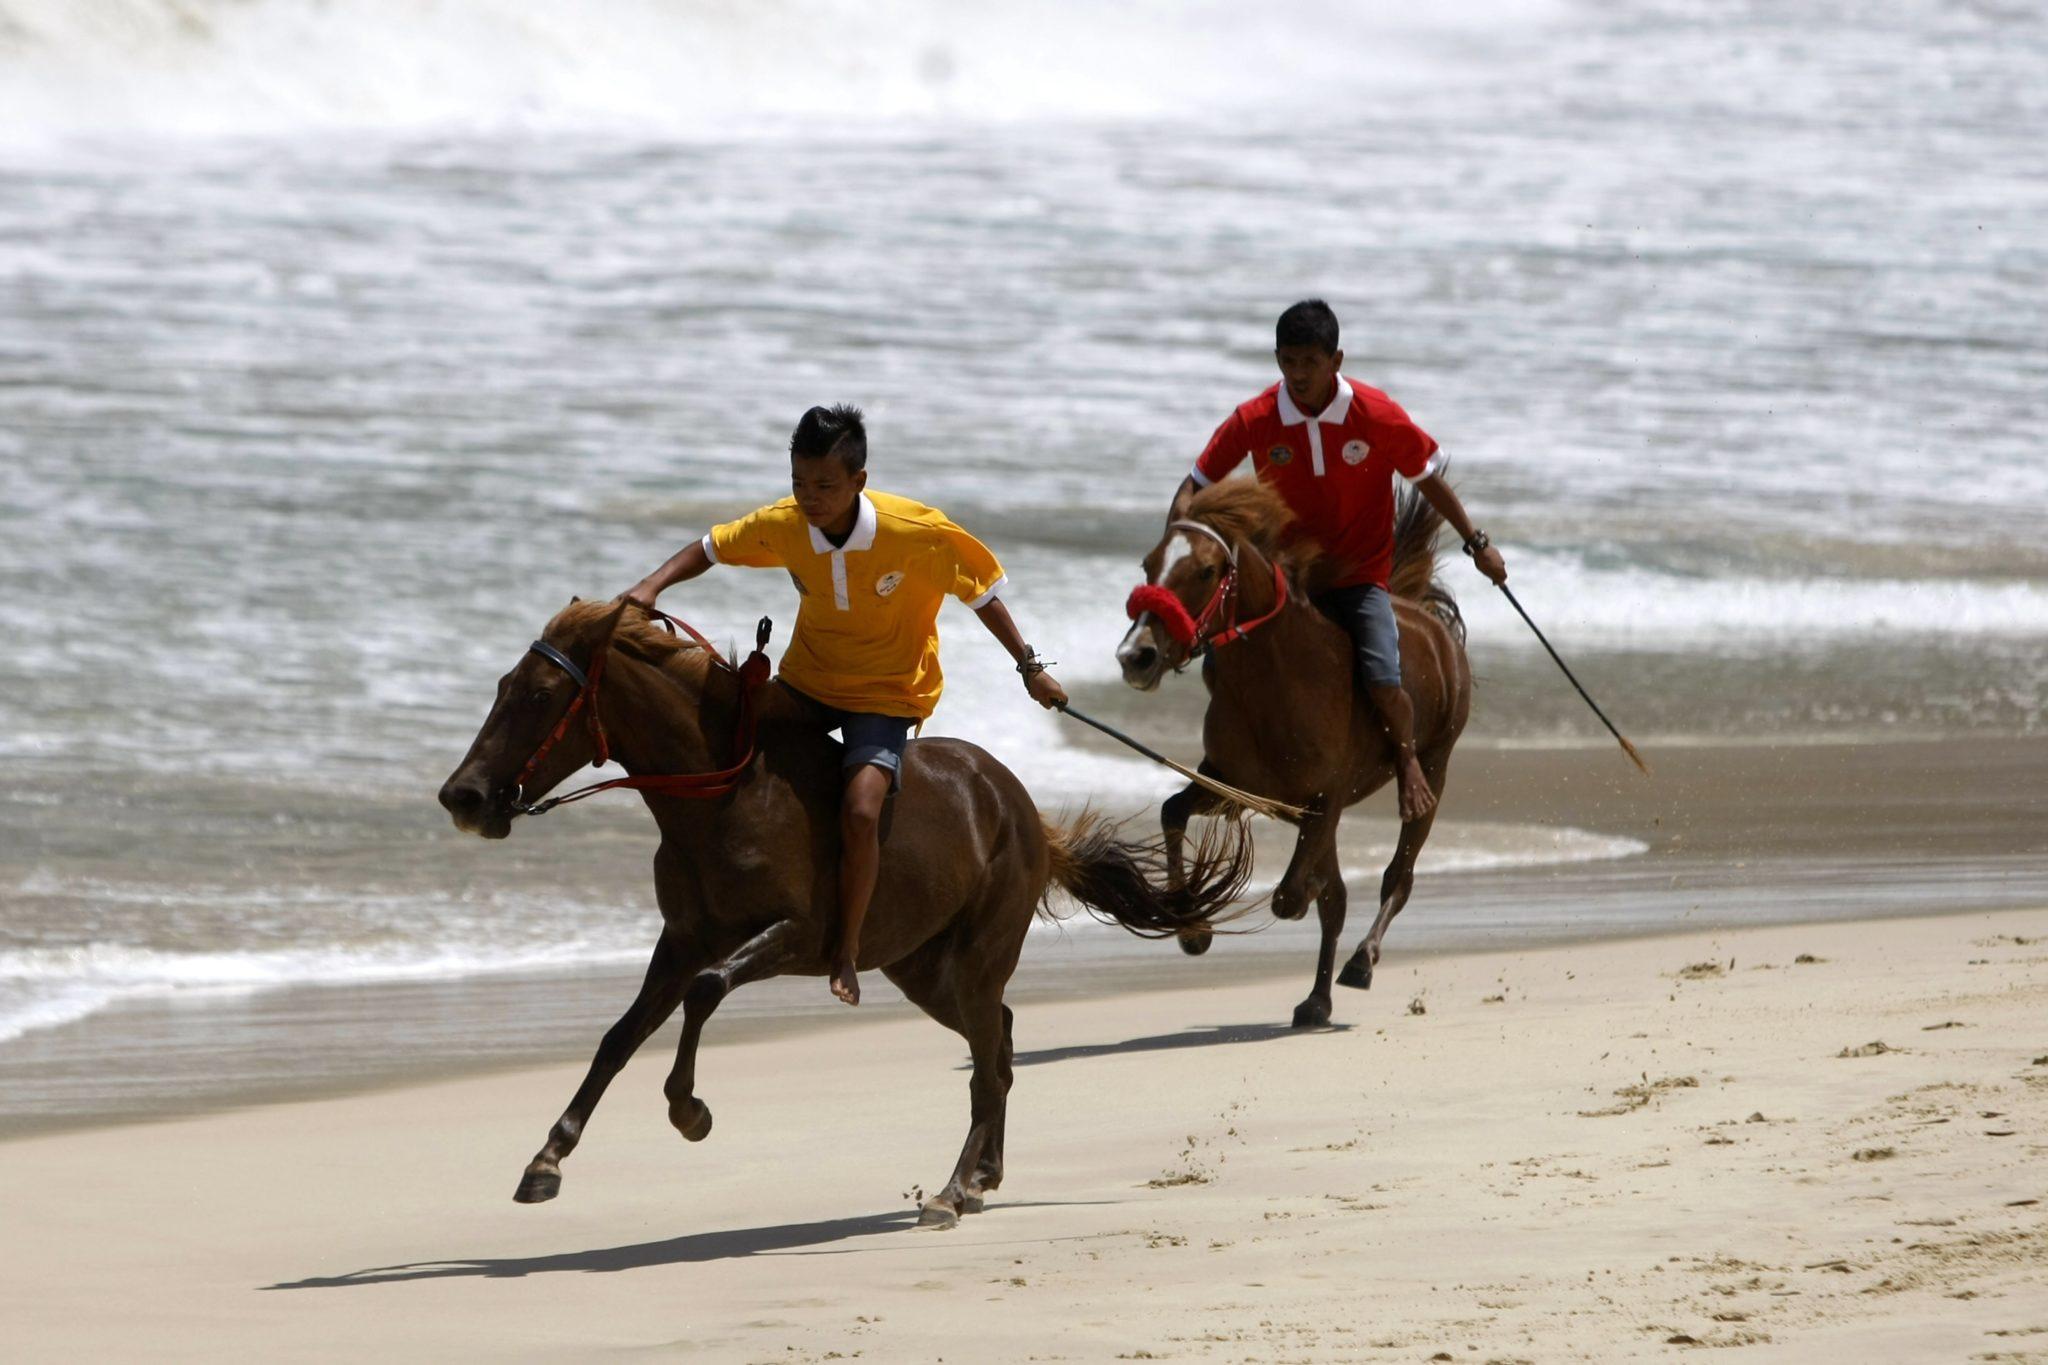 Indonezja: tradycyjne wyścigi konne na plaży w Aceh (foto. PAP/EPA/HOTLI SIMANJUNTAK)